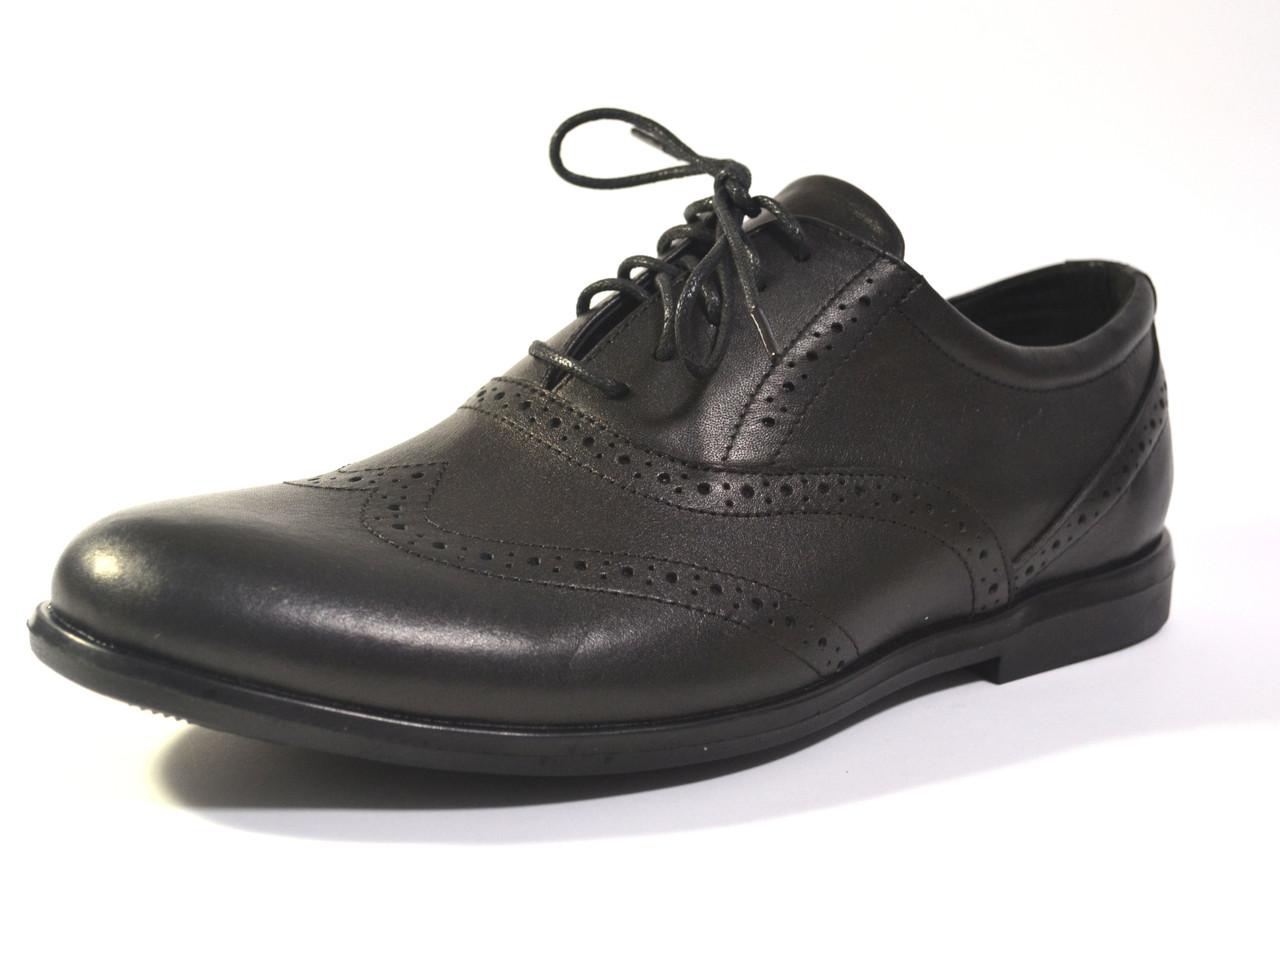 Туфли мужские комфорт кожаные броги на каждый день черные Rosso Avangard Felicete Crock trend